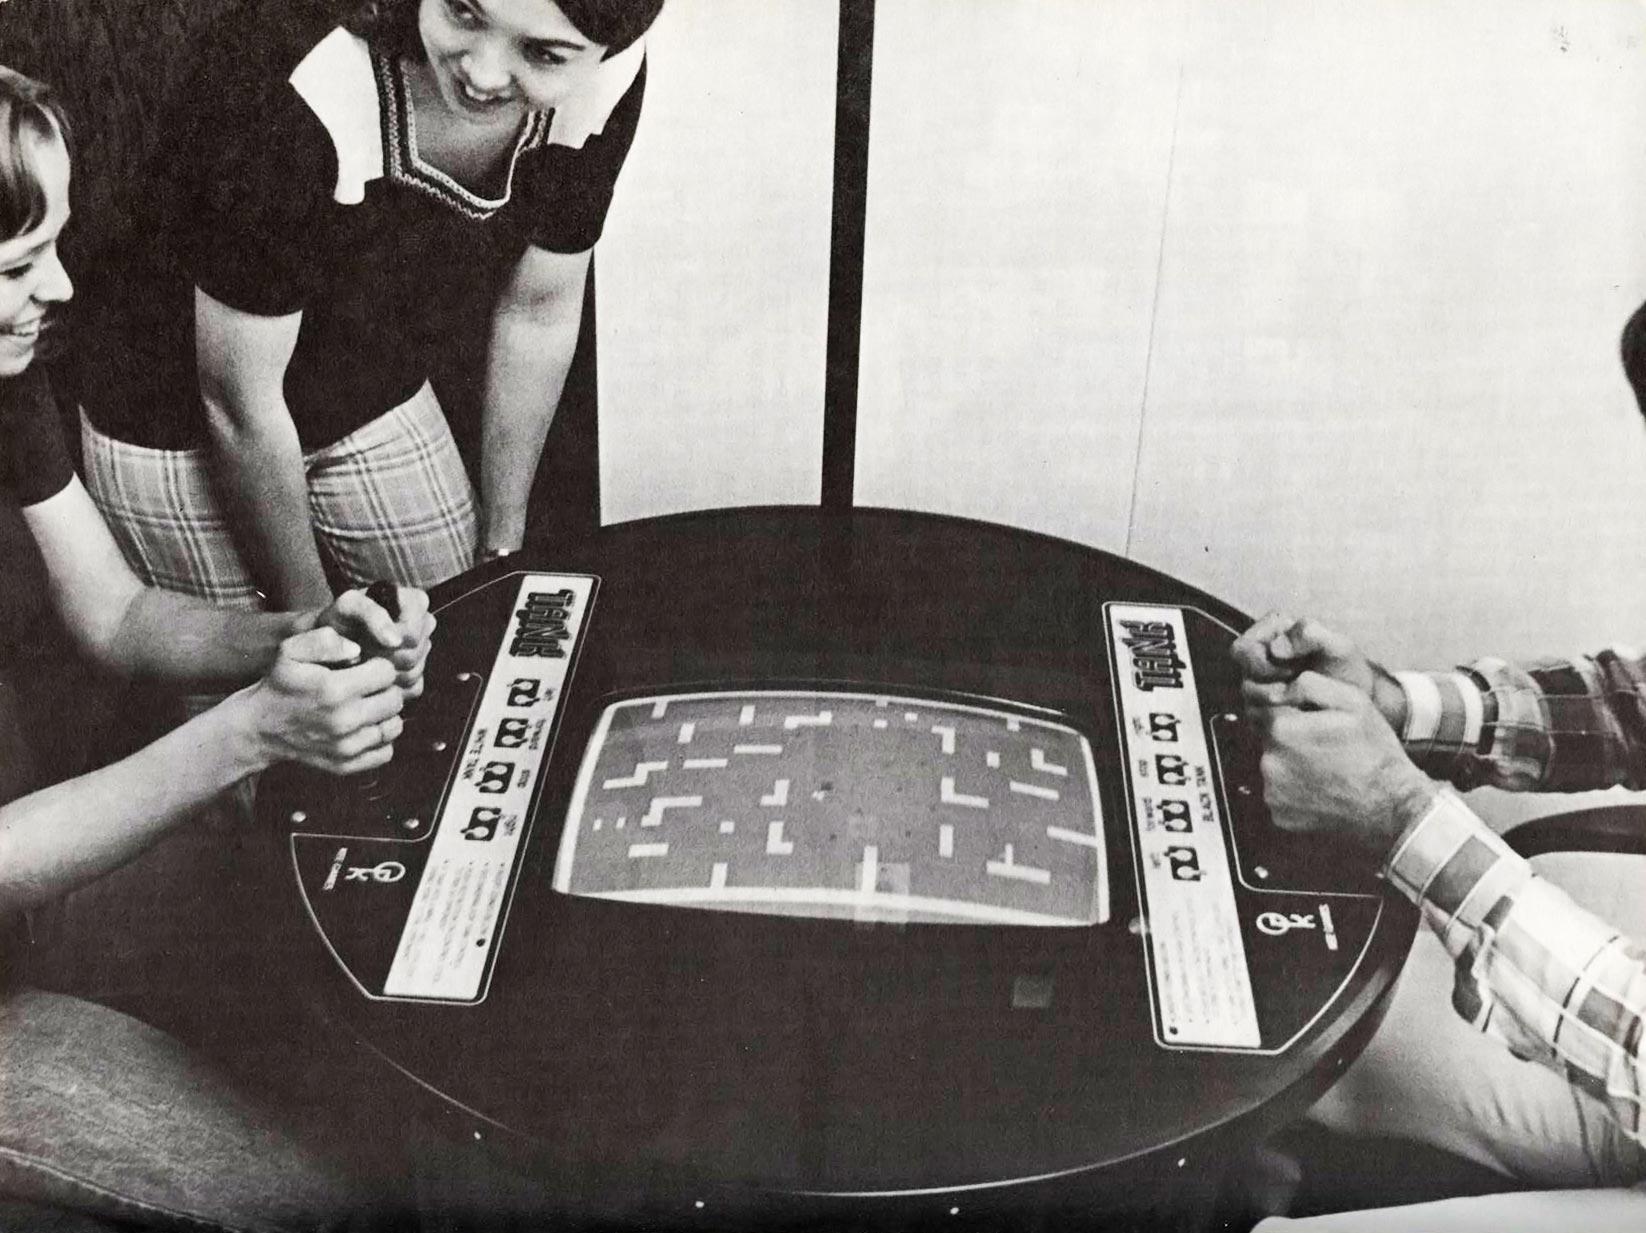 Tank, an arcade video game by Atari